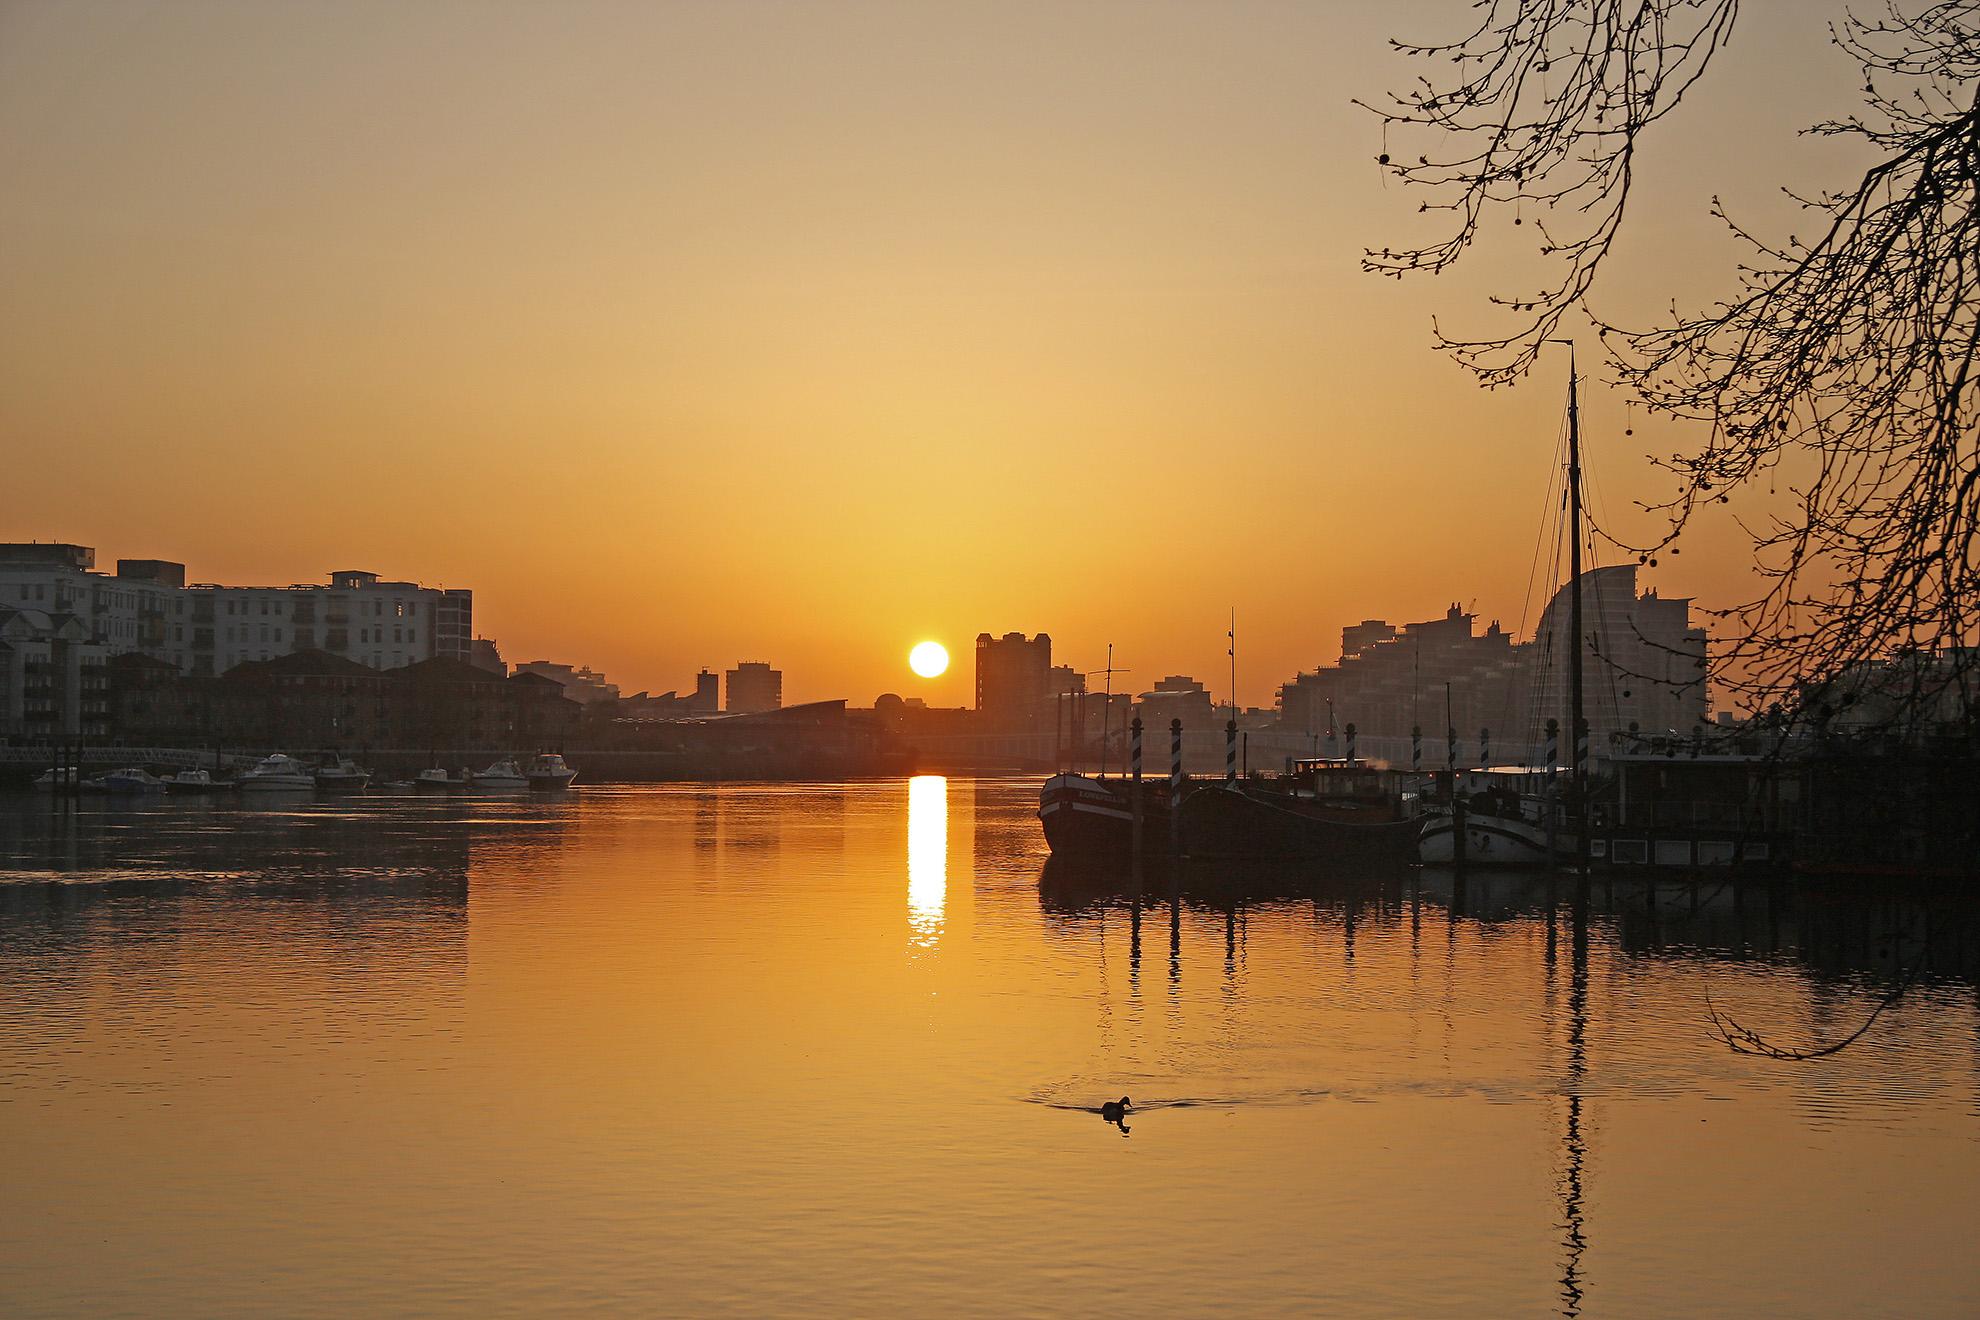 Sunrise over the river in Putney.jpg